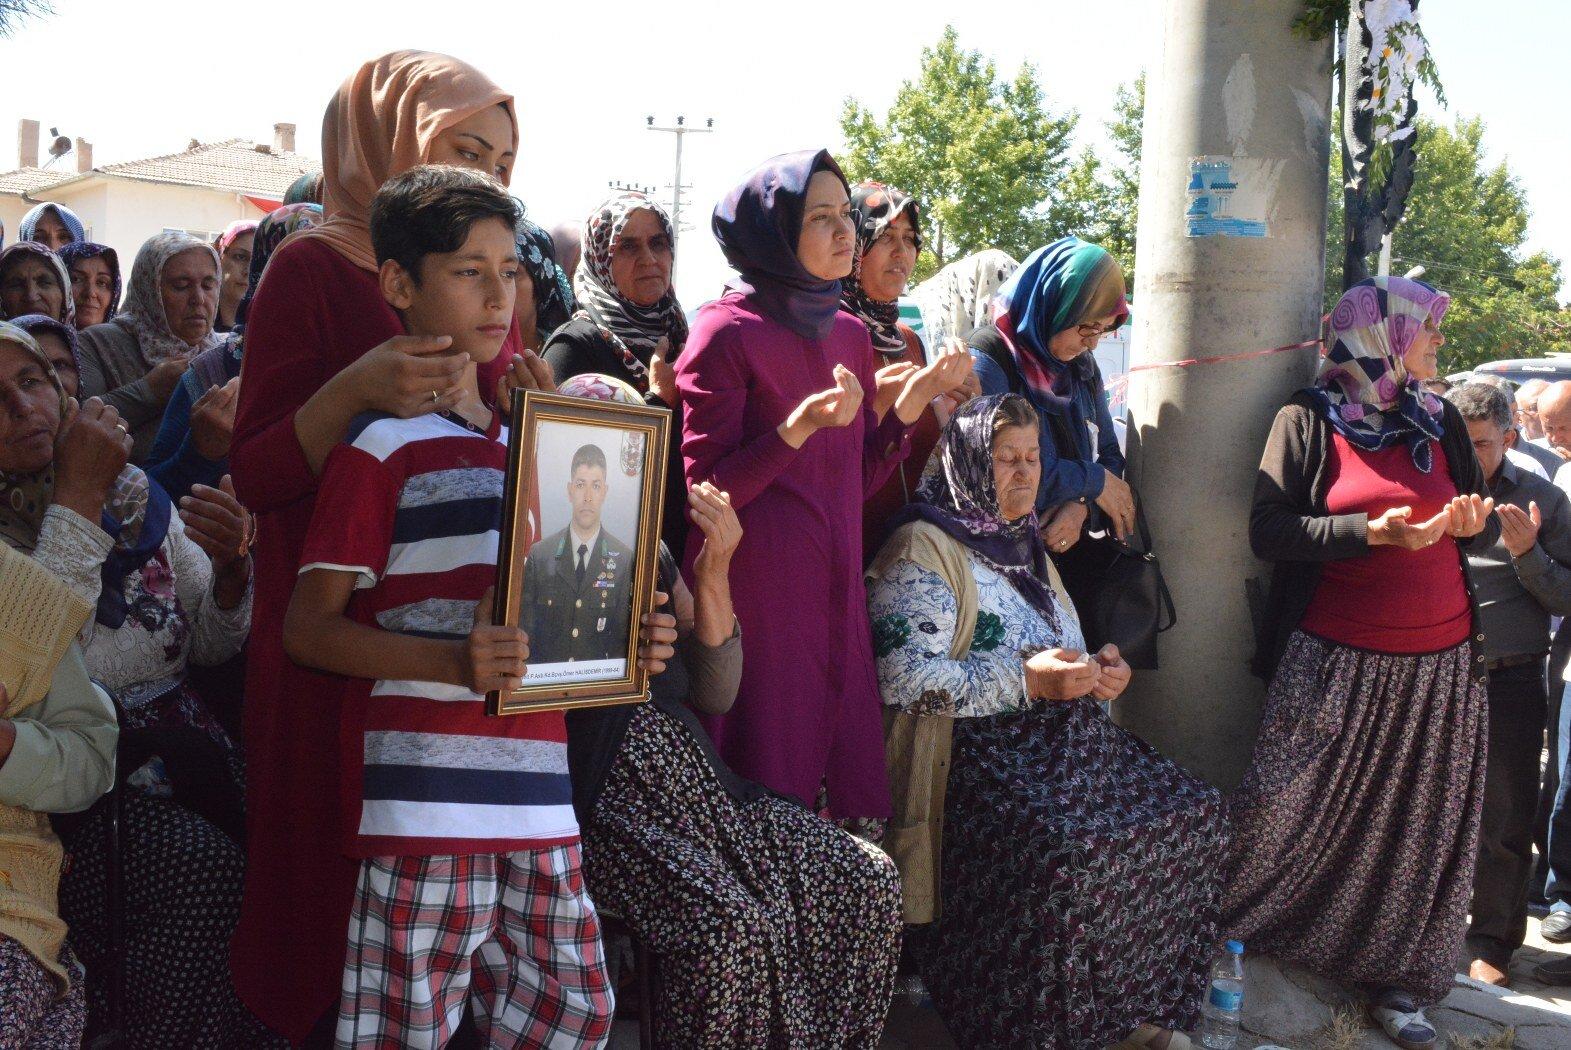 Hatice Halisdemir ile evli 2 çocuk babası şehit Ömer Halis Demir'in cenazesi, Bor İlçesi'ne bağlı Çukurkuyu Beldesi'ndeki meydana götürüldü.